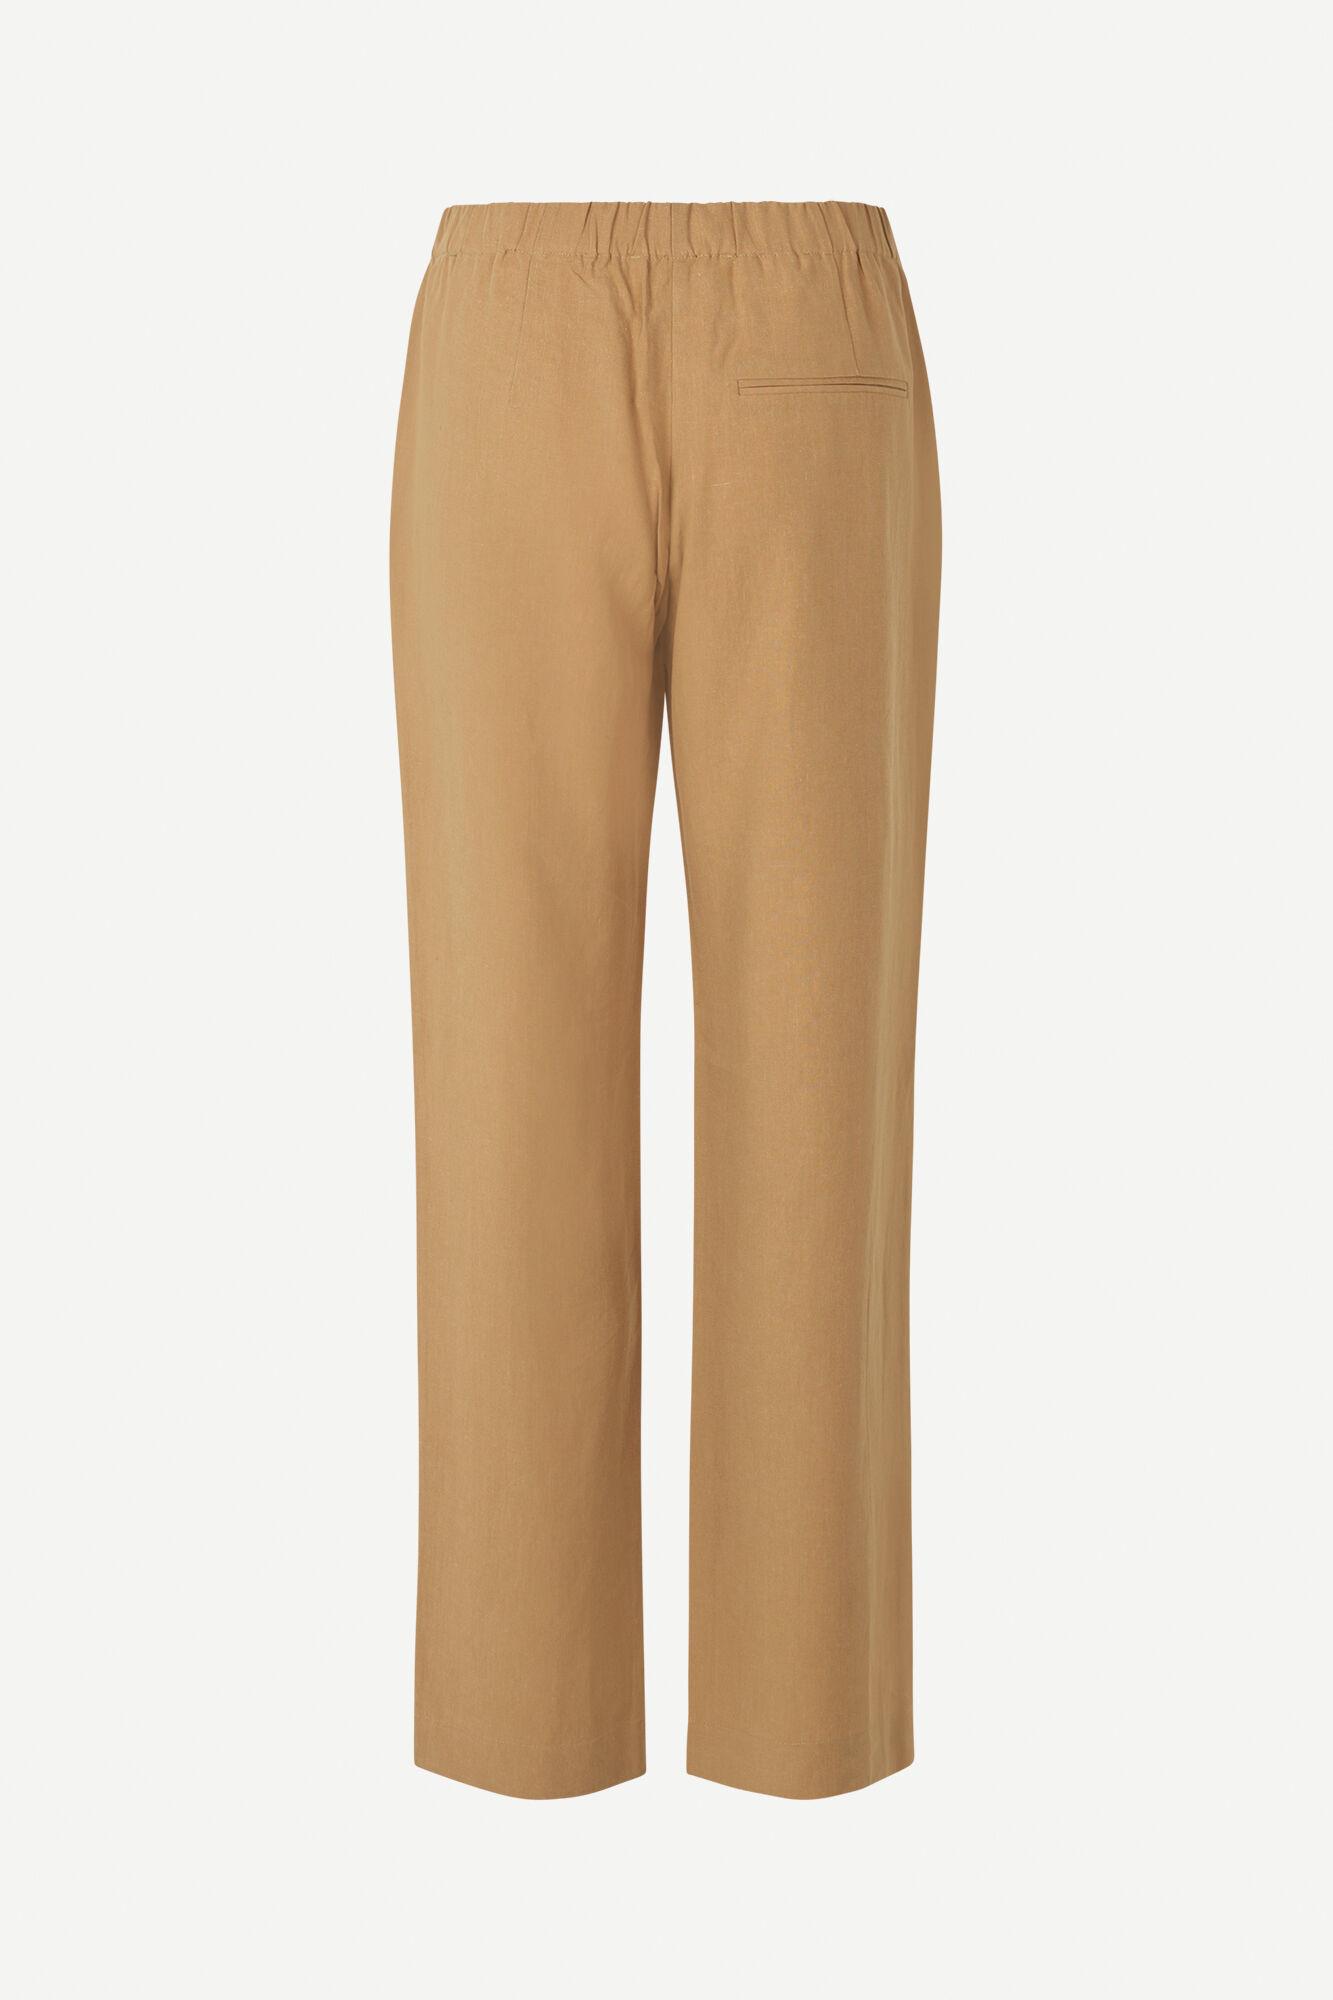 Hoys Straight Pants Dijon Brown 12663-2